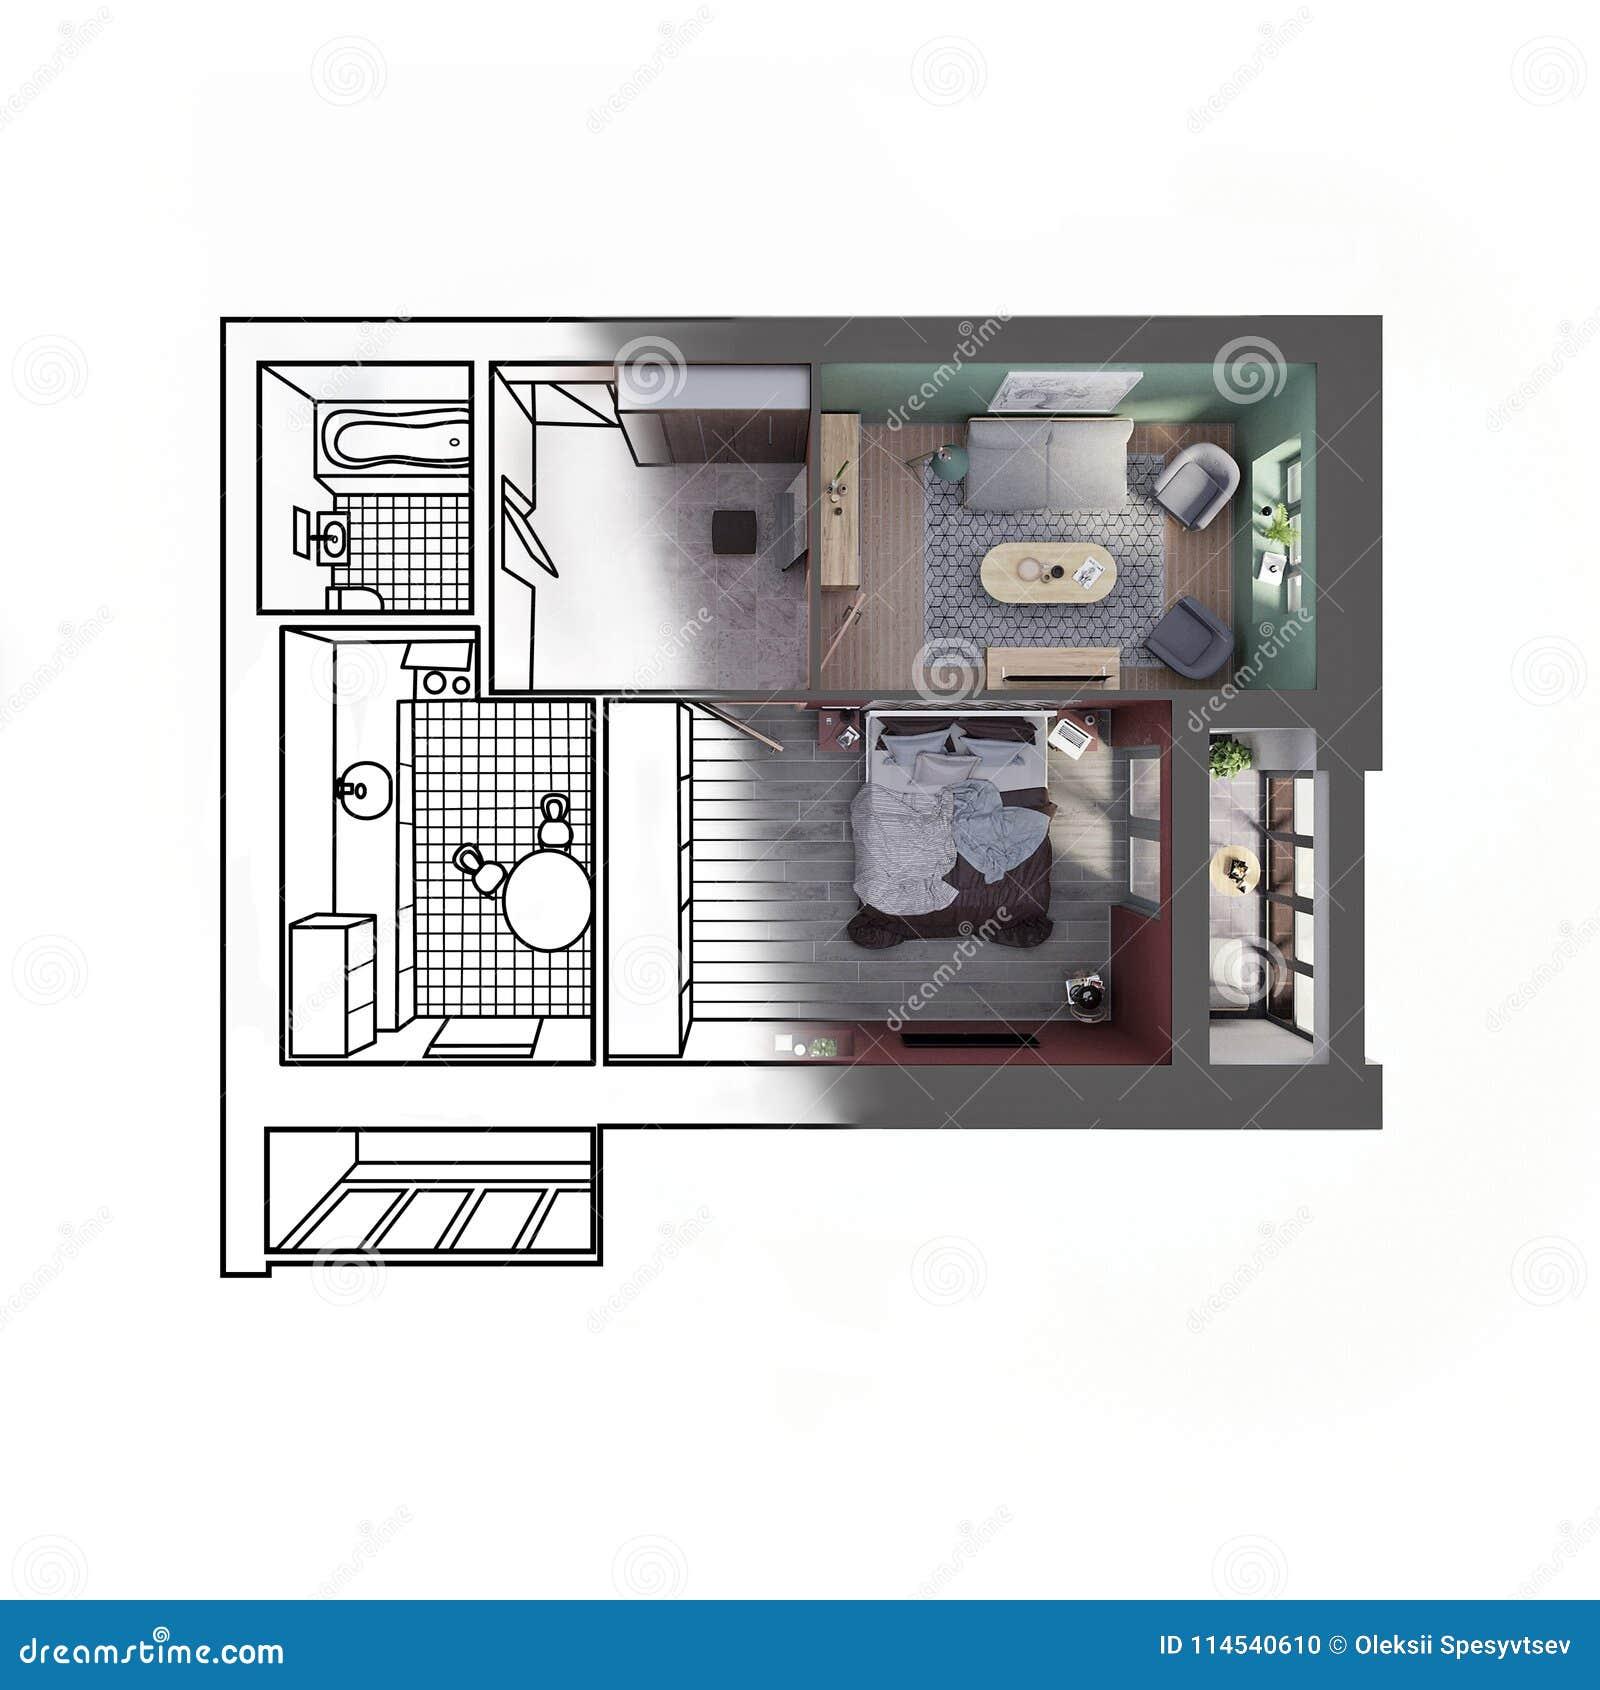 Bilder Von Modernen Schlafzimmern | Zeichnen Sie Skizze Einer Modernen Wohnung Mit Zwei Schlafzimmern